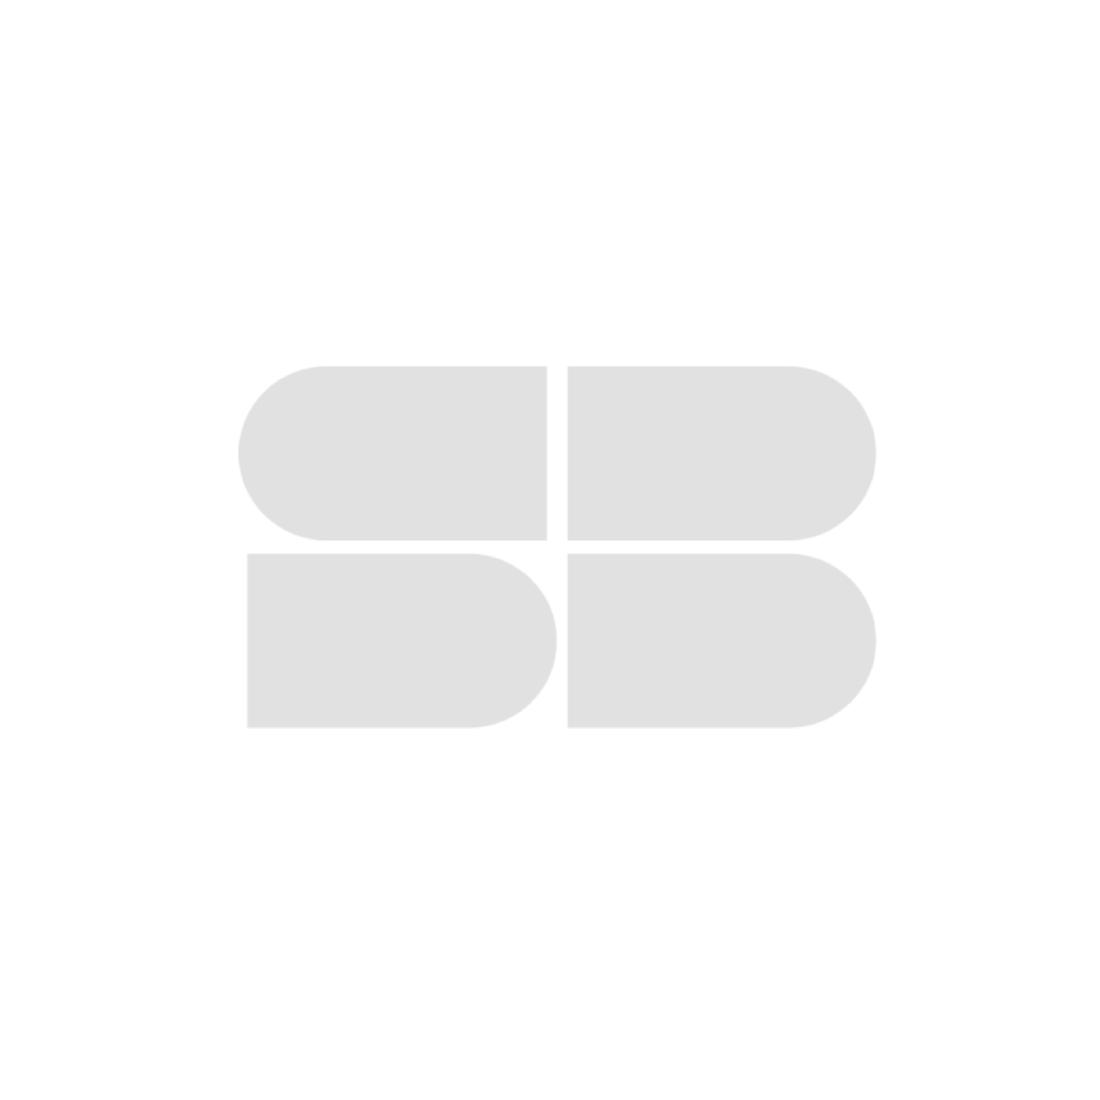 ตู้เย็น Kuppersbusch รุ่น FKG 9500.0i-01